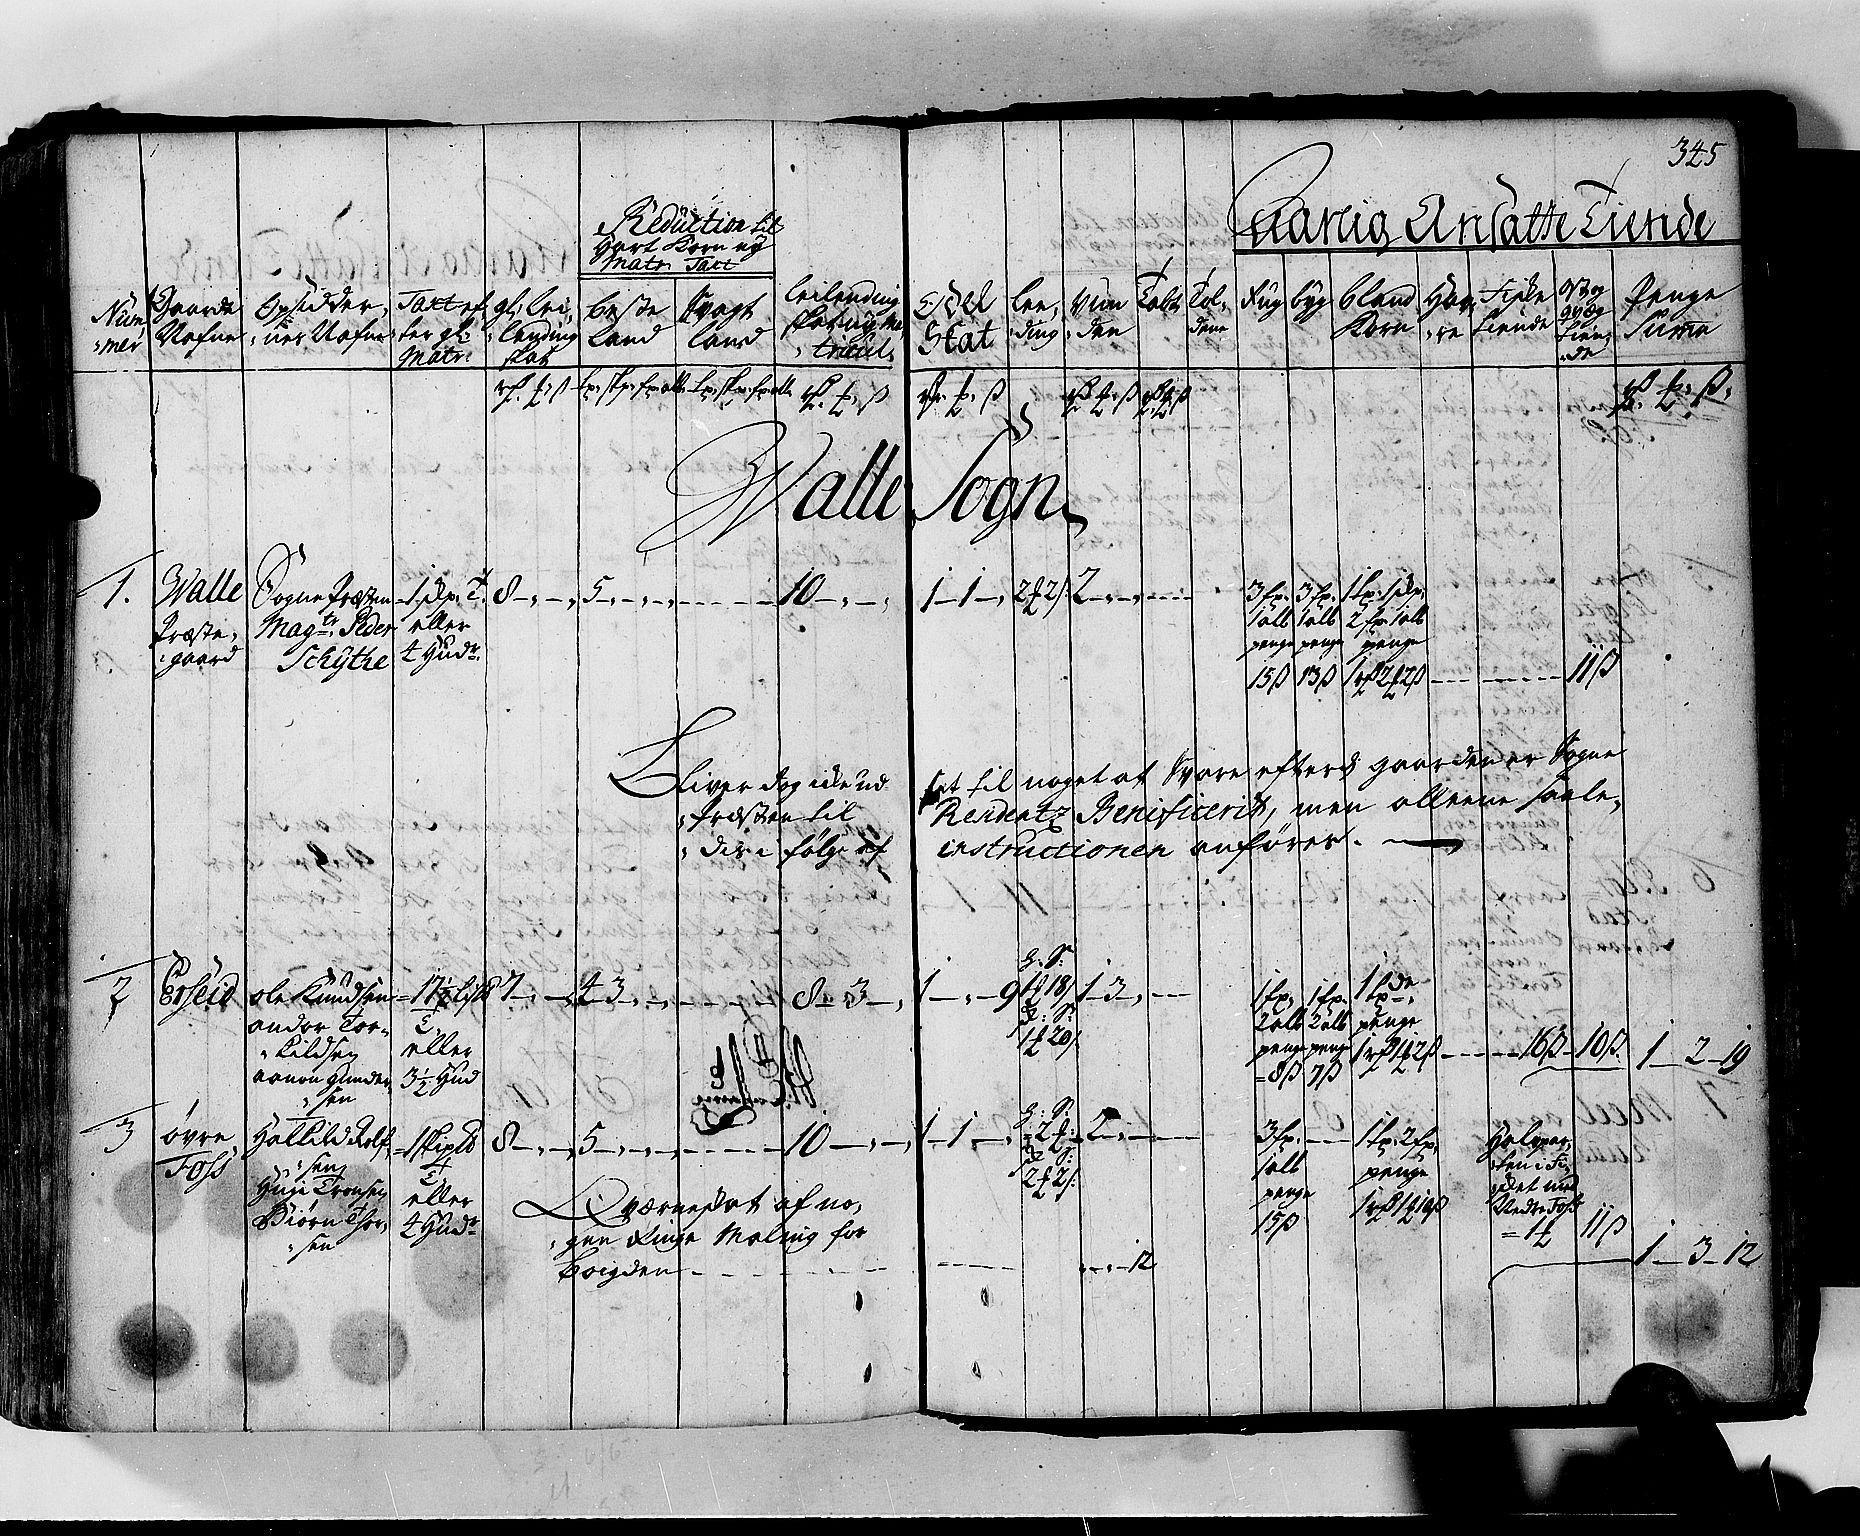 RA, Rentekammeret inntil 1814, Realistisk ordnet avdeling, N/Nb/Nbf/L0130: Lista matrikkelprotokoll, 1723, s. 344b-345a